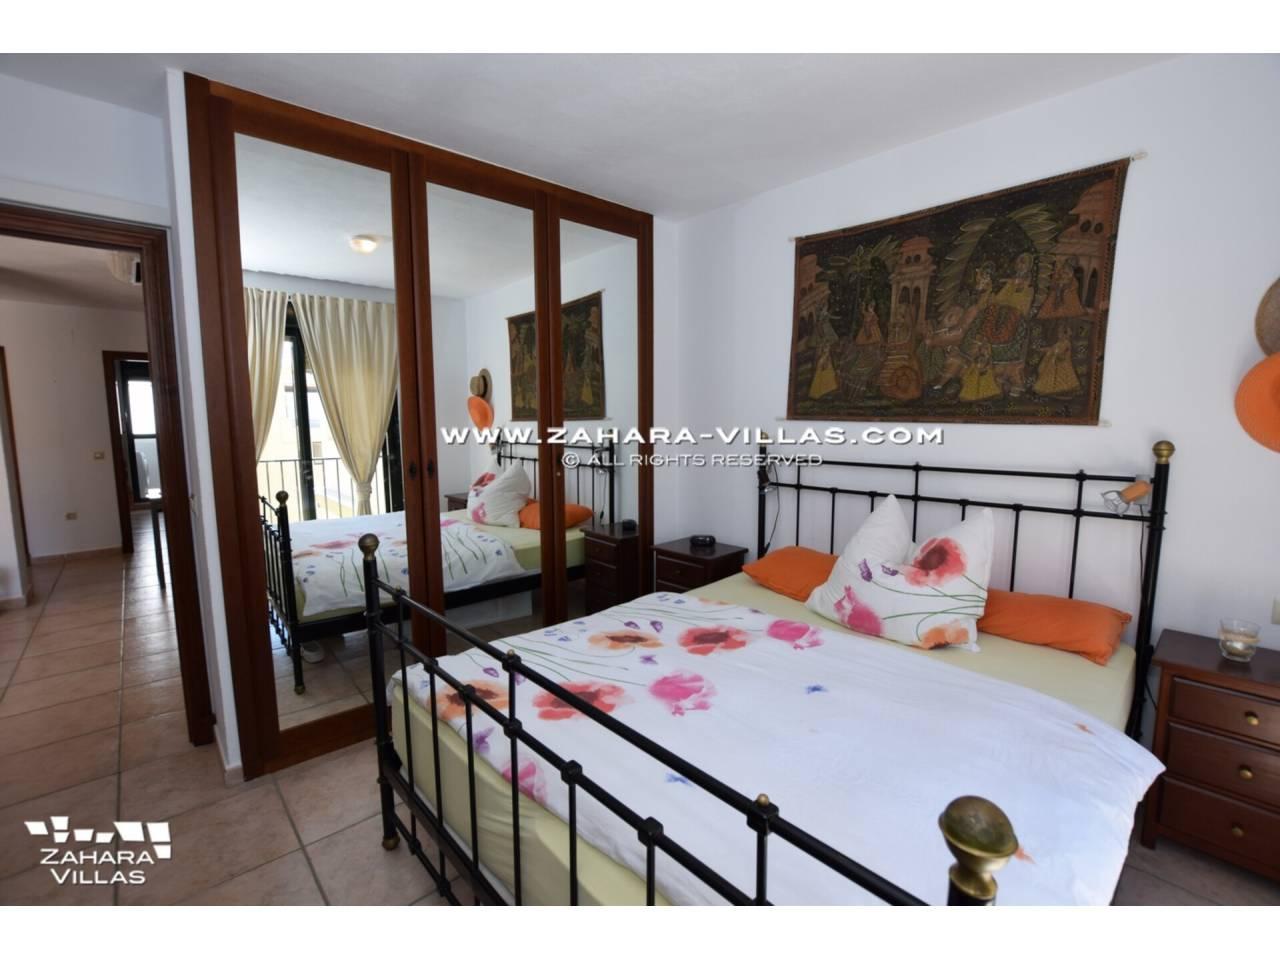 Imagen 23 de Penthouse apartment for sale in Zahara de los Atunes